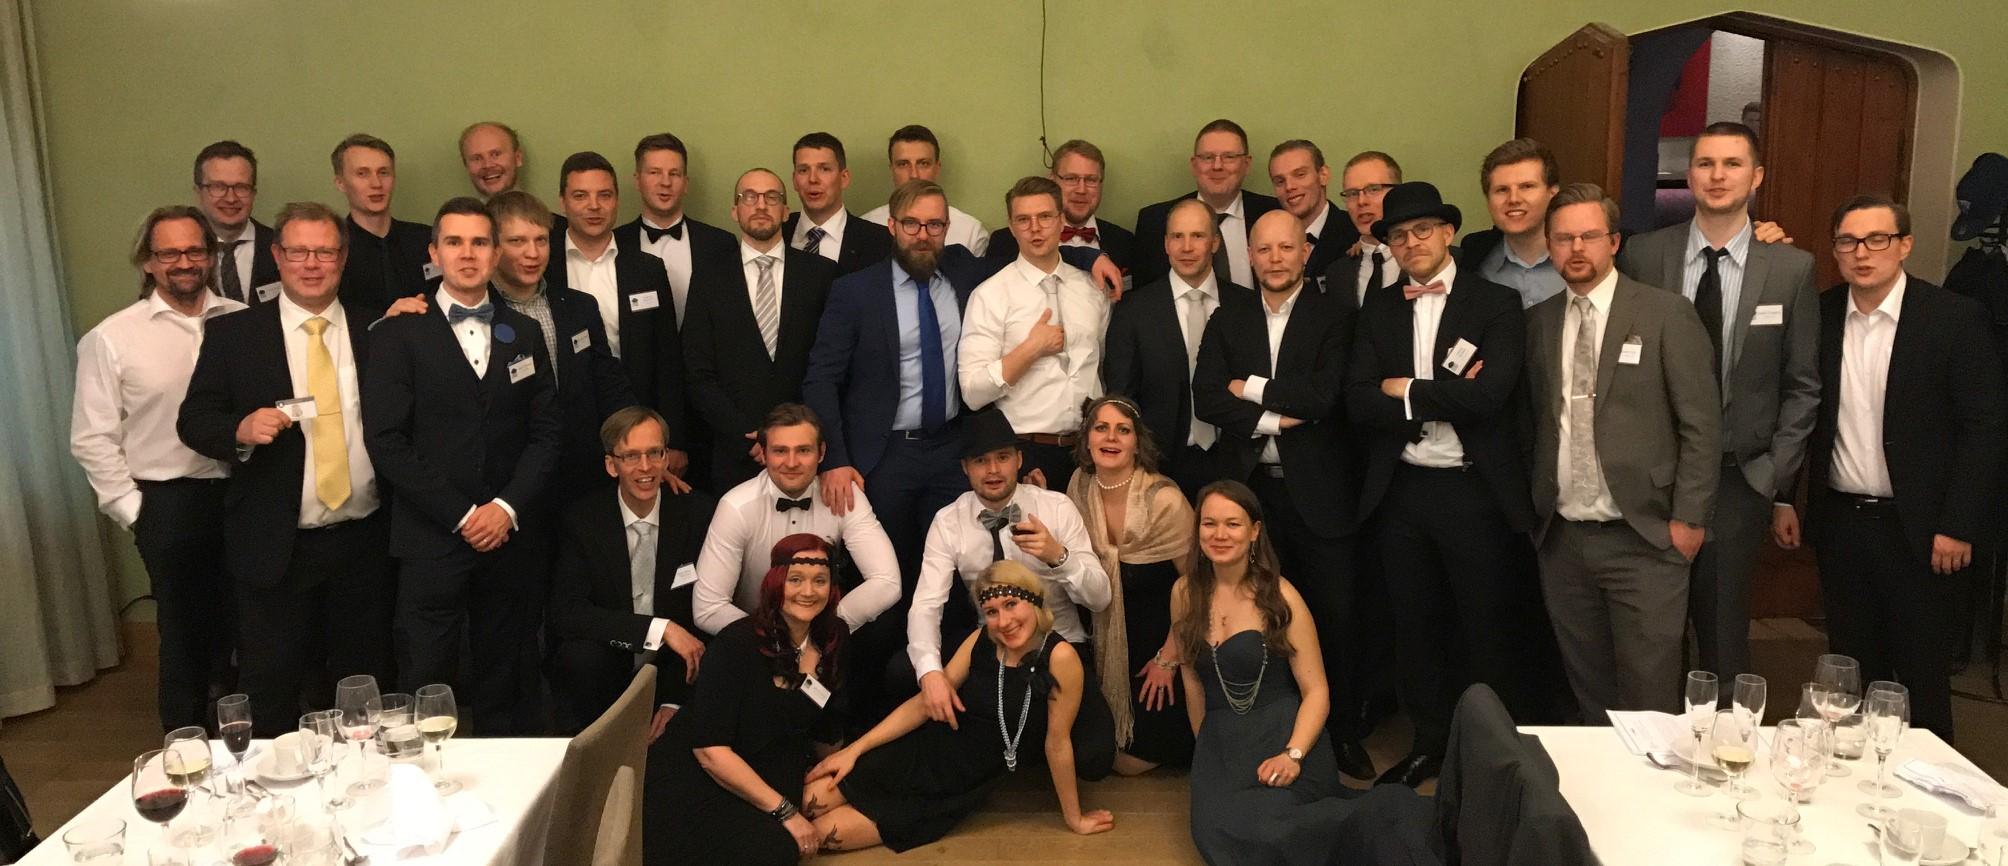 eCraft Business Insightin viisivuotista taivalta juhlittiin toukokuussa 2017 murhamysteeri-illallisen merkeissä.